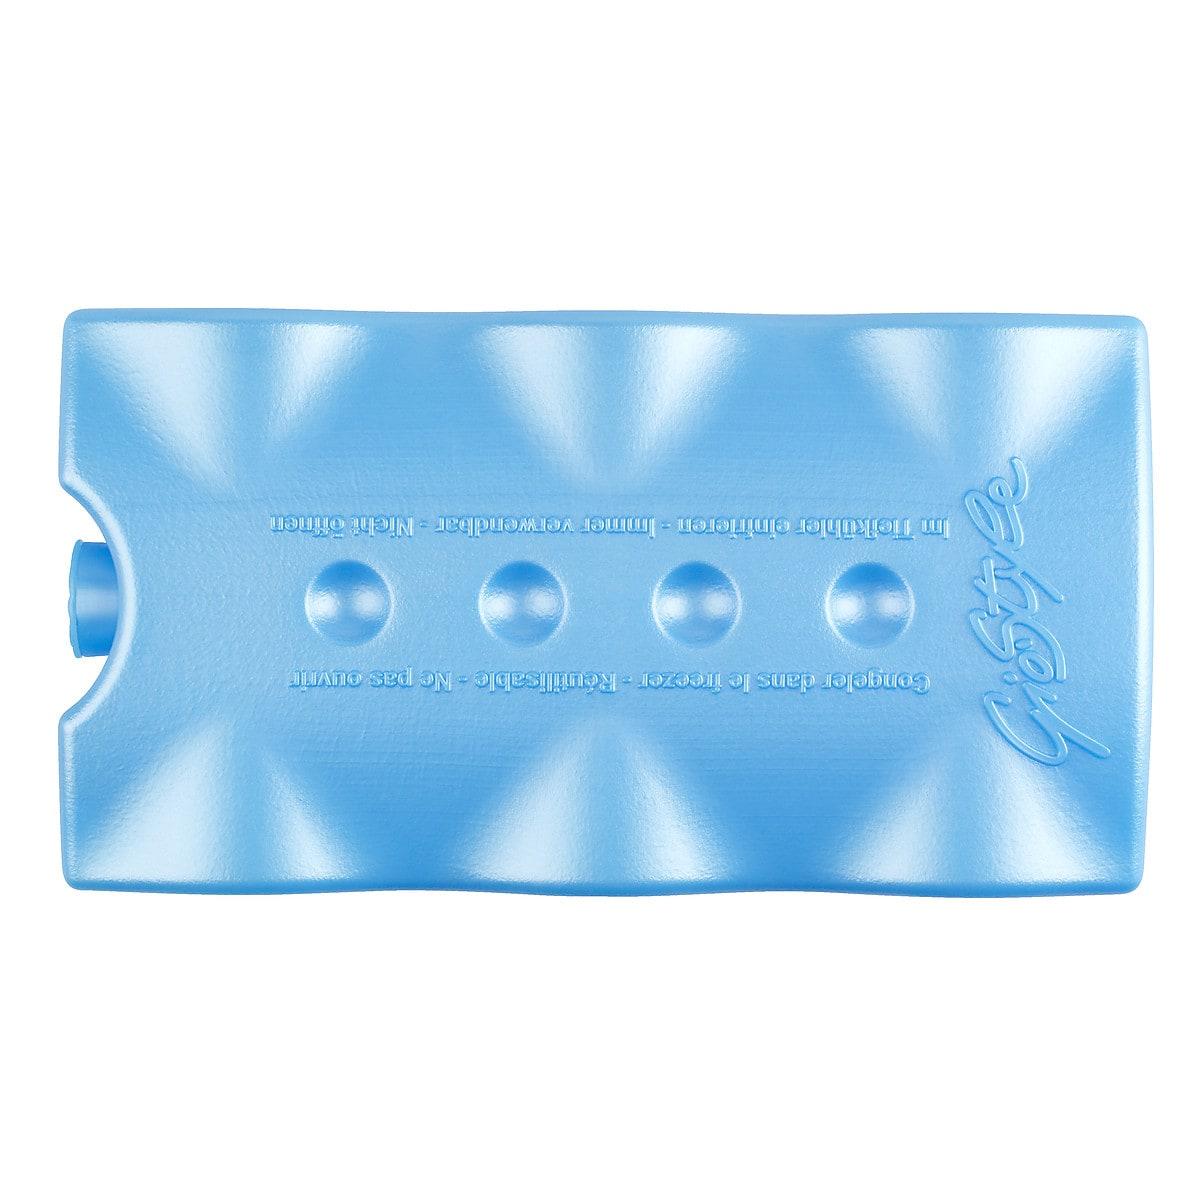 Kylklampar 2-pack